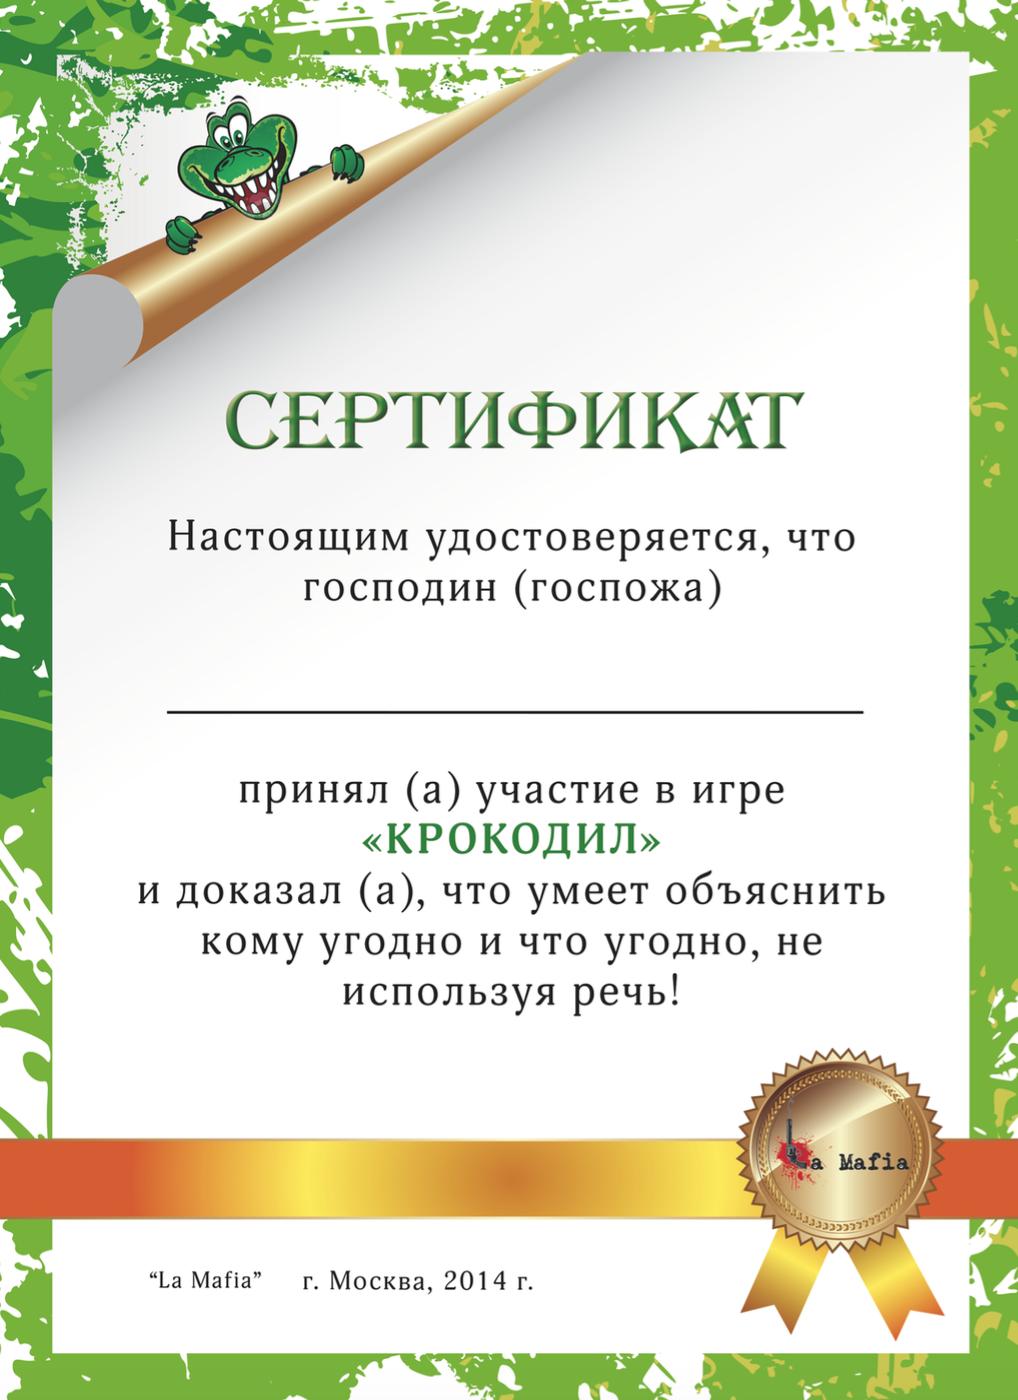 Сертификат для игры Крокодил